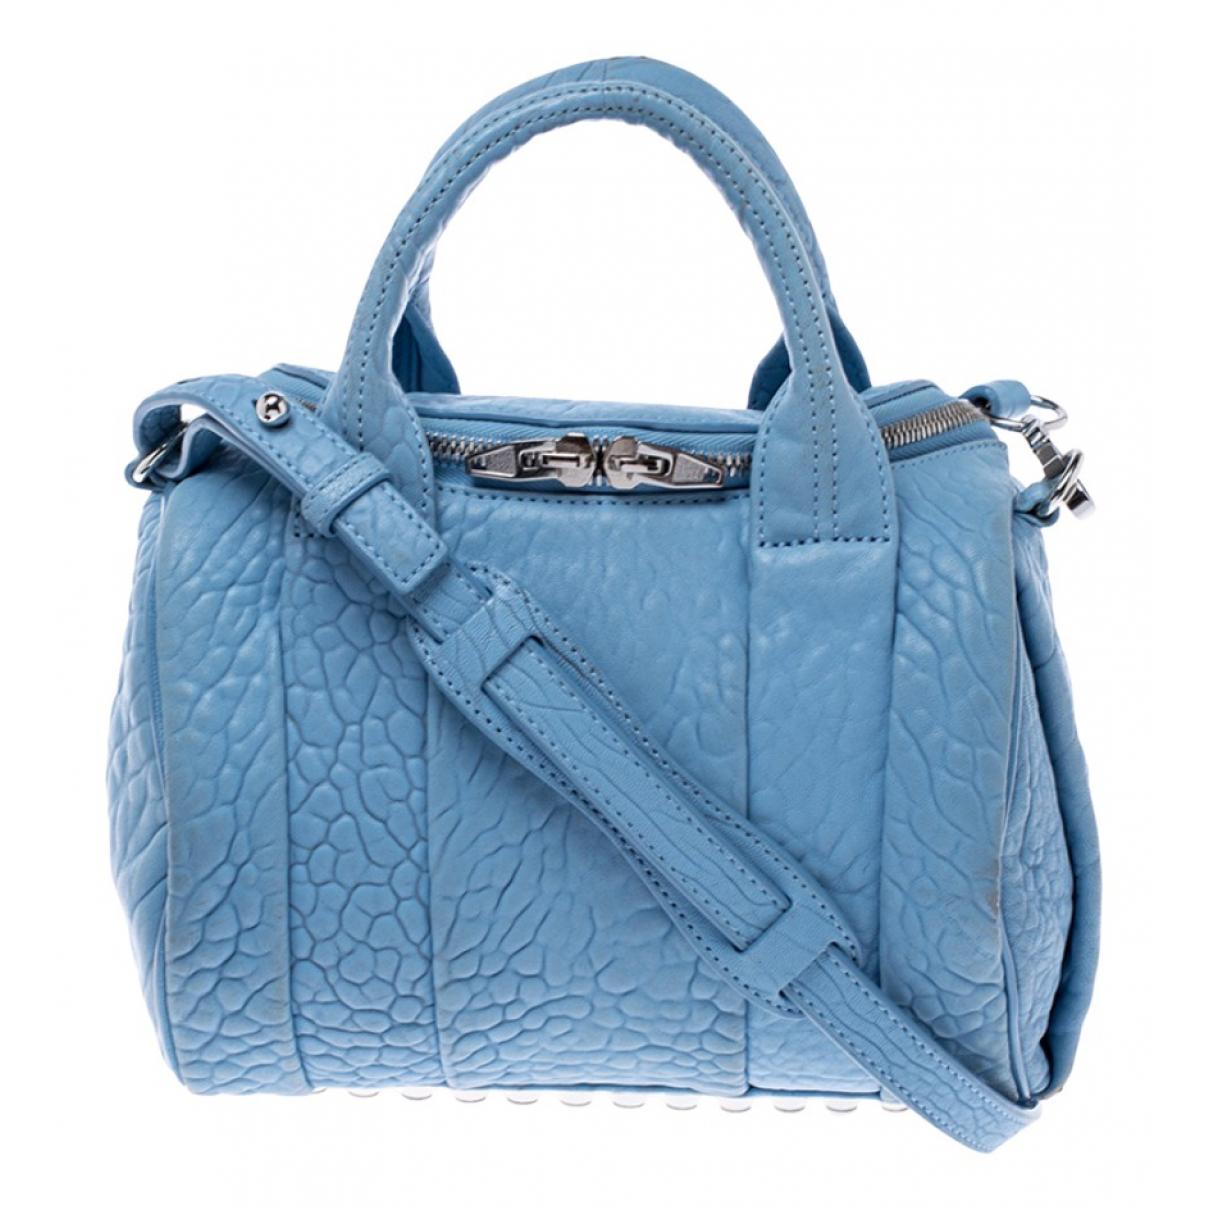 Alexander Wang \N Handtasche in  Blau Leder